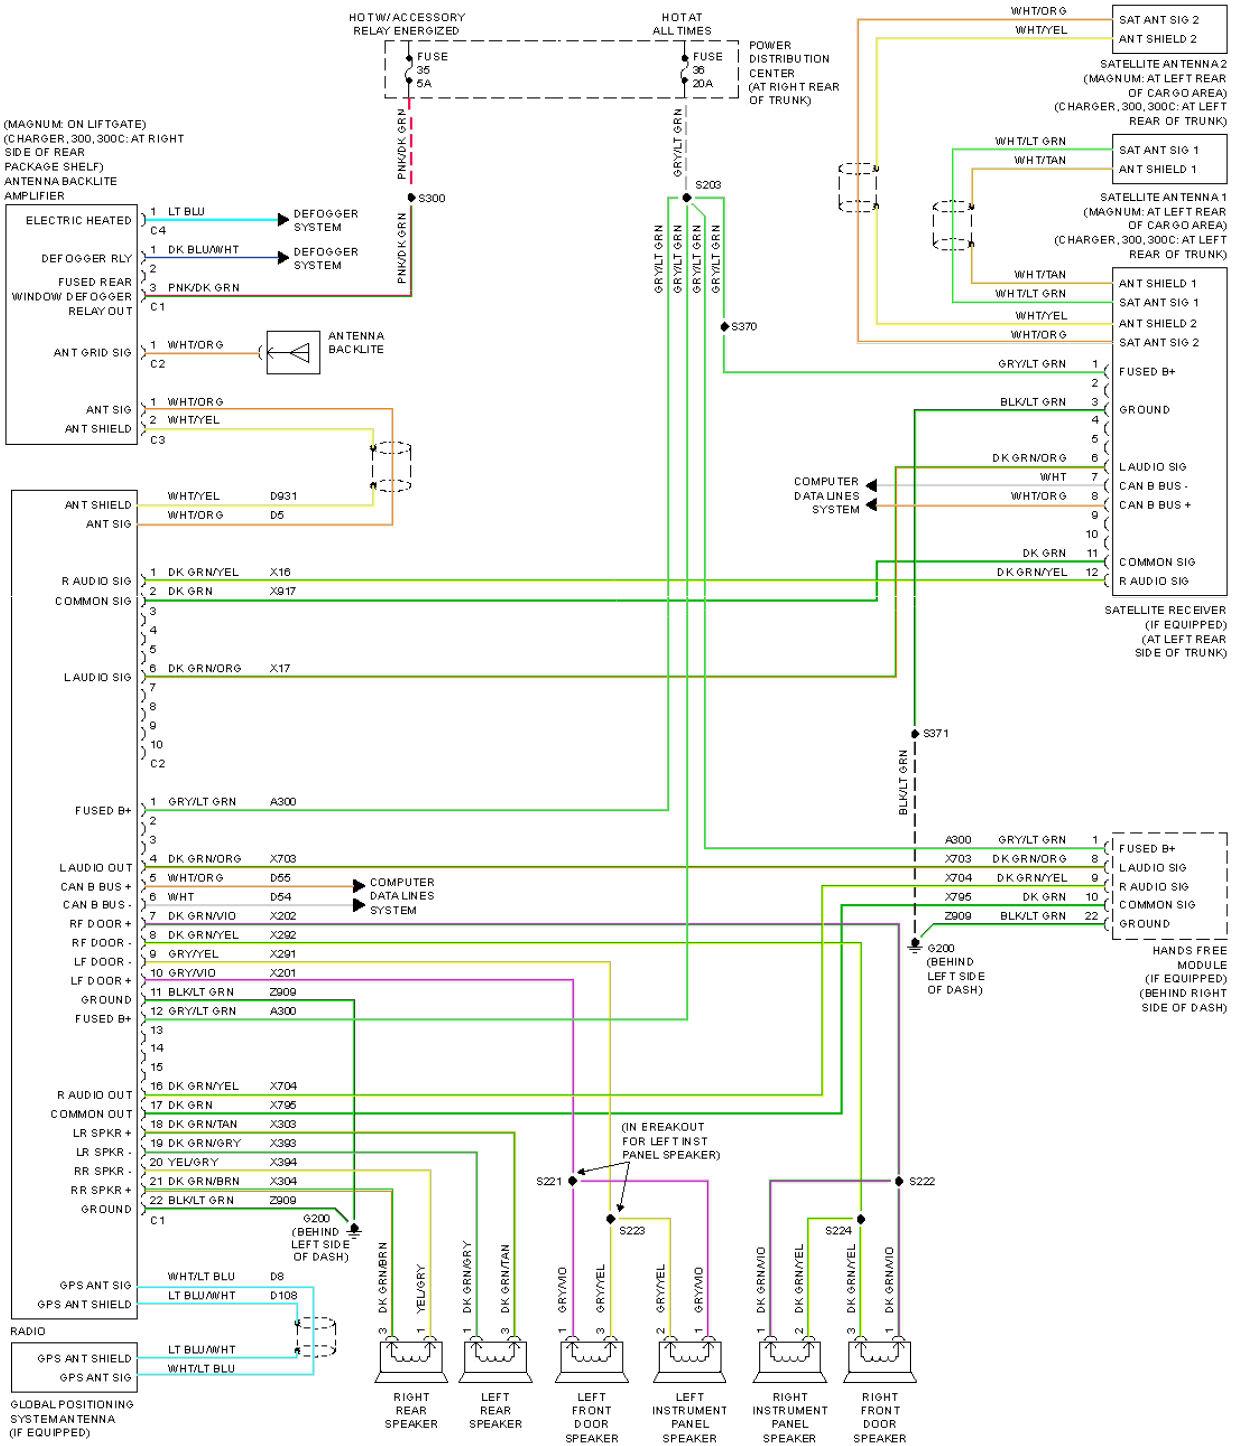 Surprising 2013 Chrysler Radio Wiring Diagram Wiring Diagram Tutorial Wiring Cloud Cranvenetmohammedshrineorg